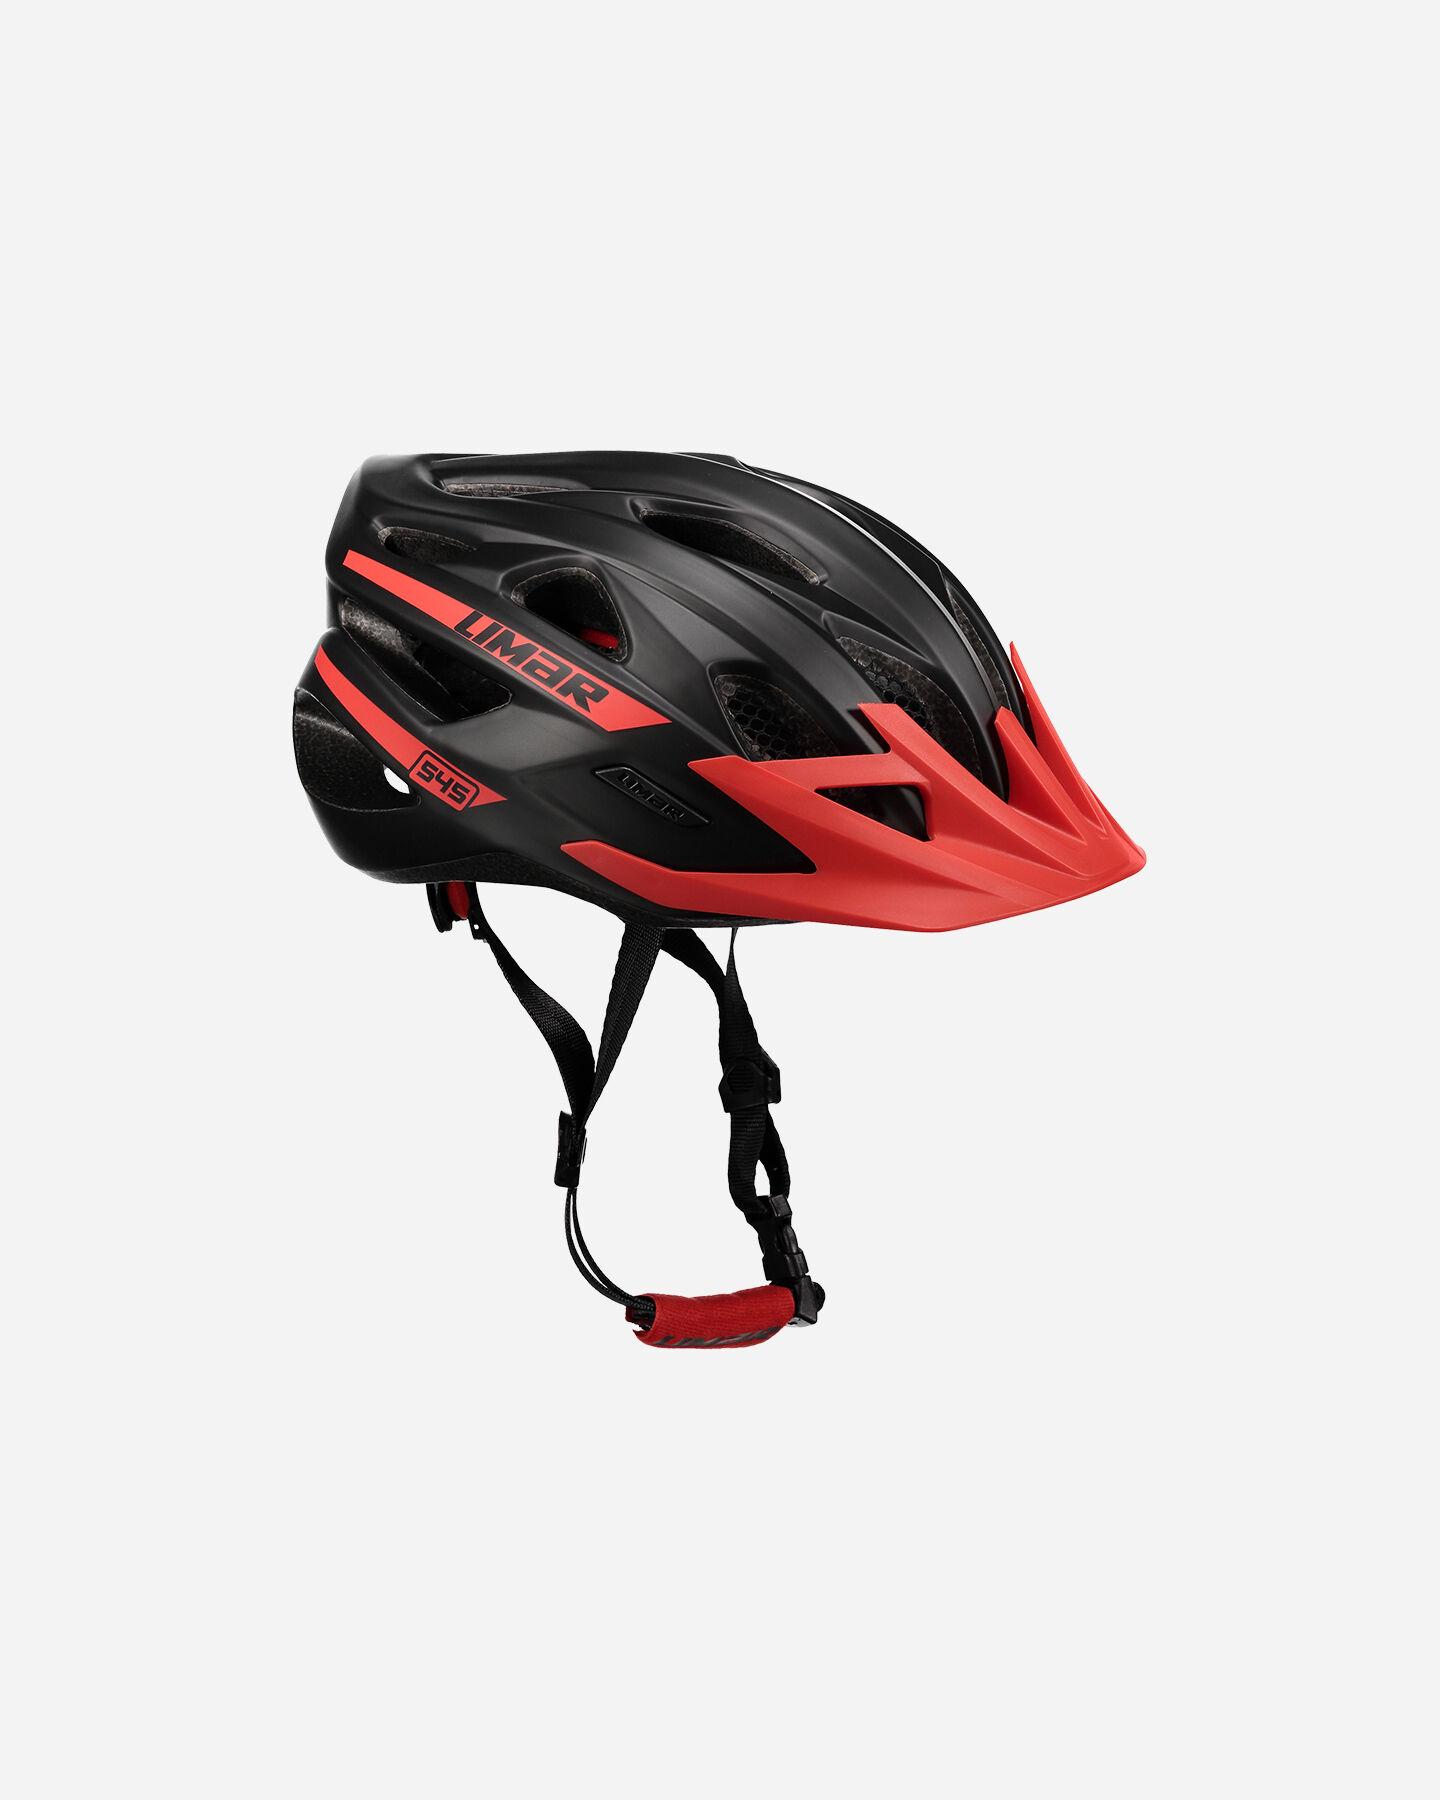 Casco bici LIMAR 545 S4013576 scatto 1